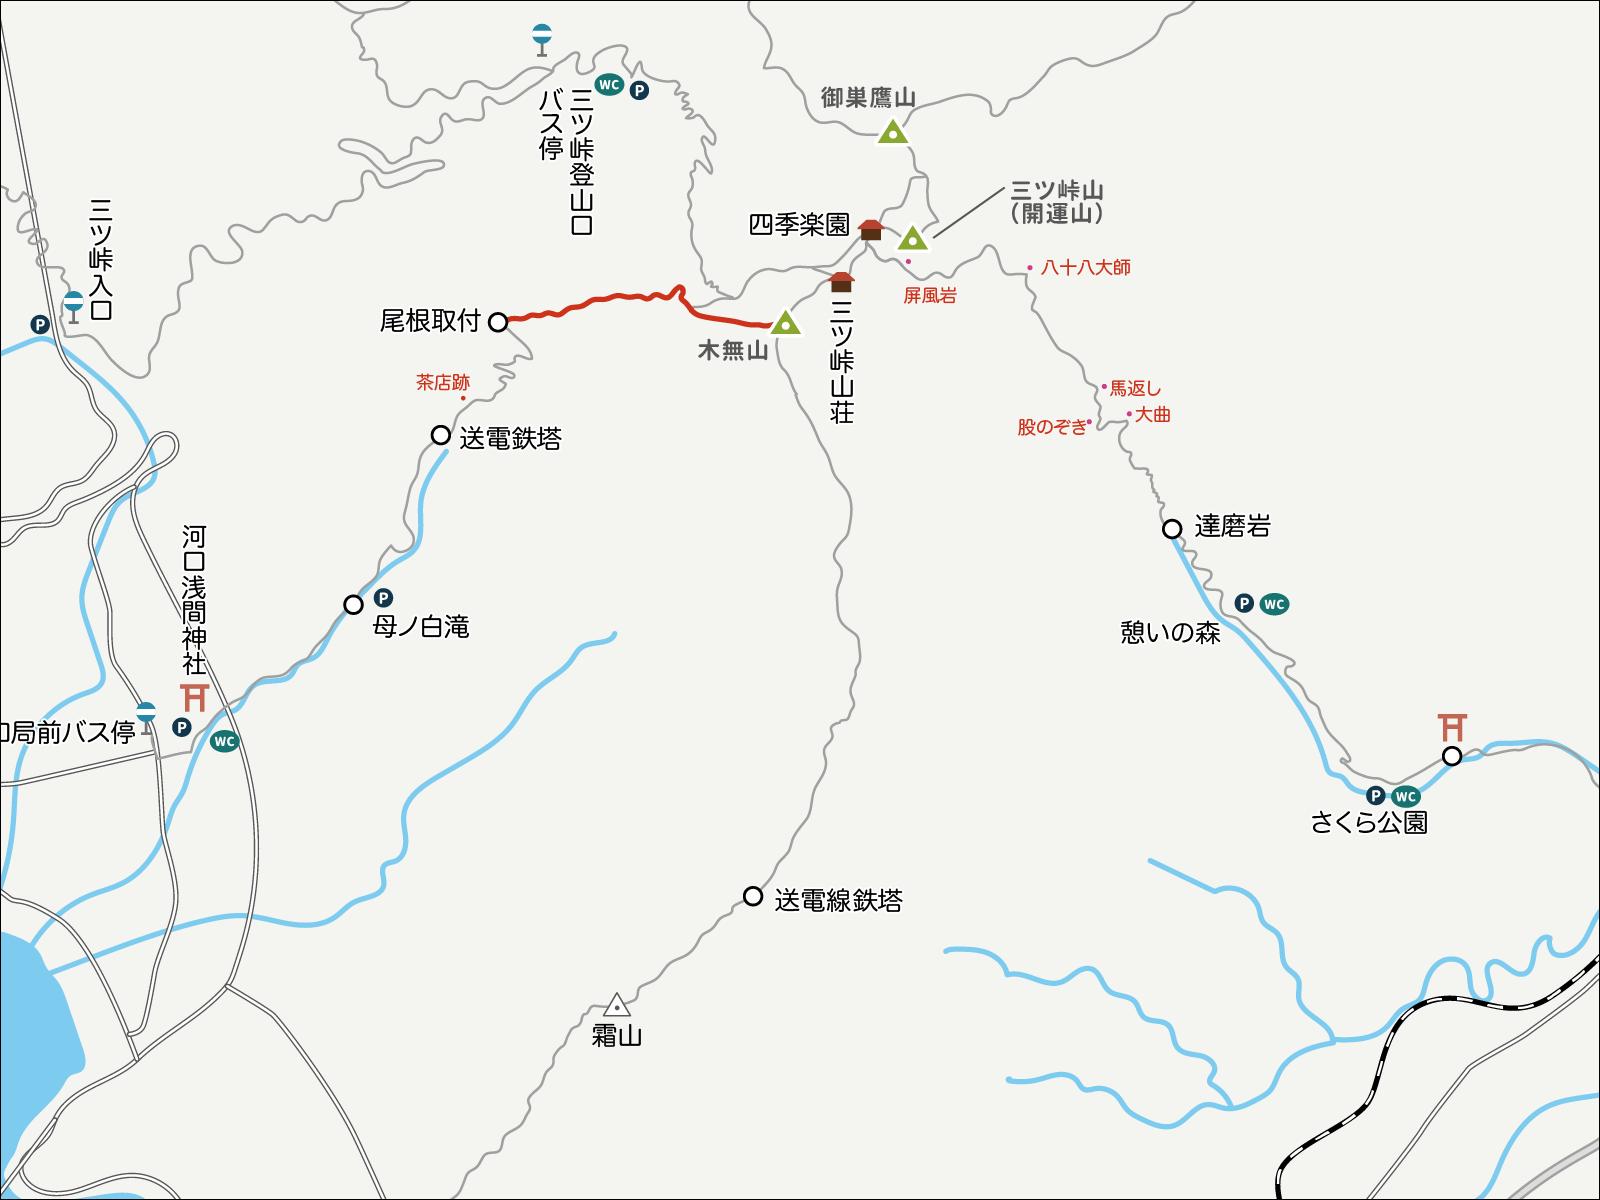 木無山から母の白滝へのイラストマップ1